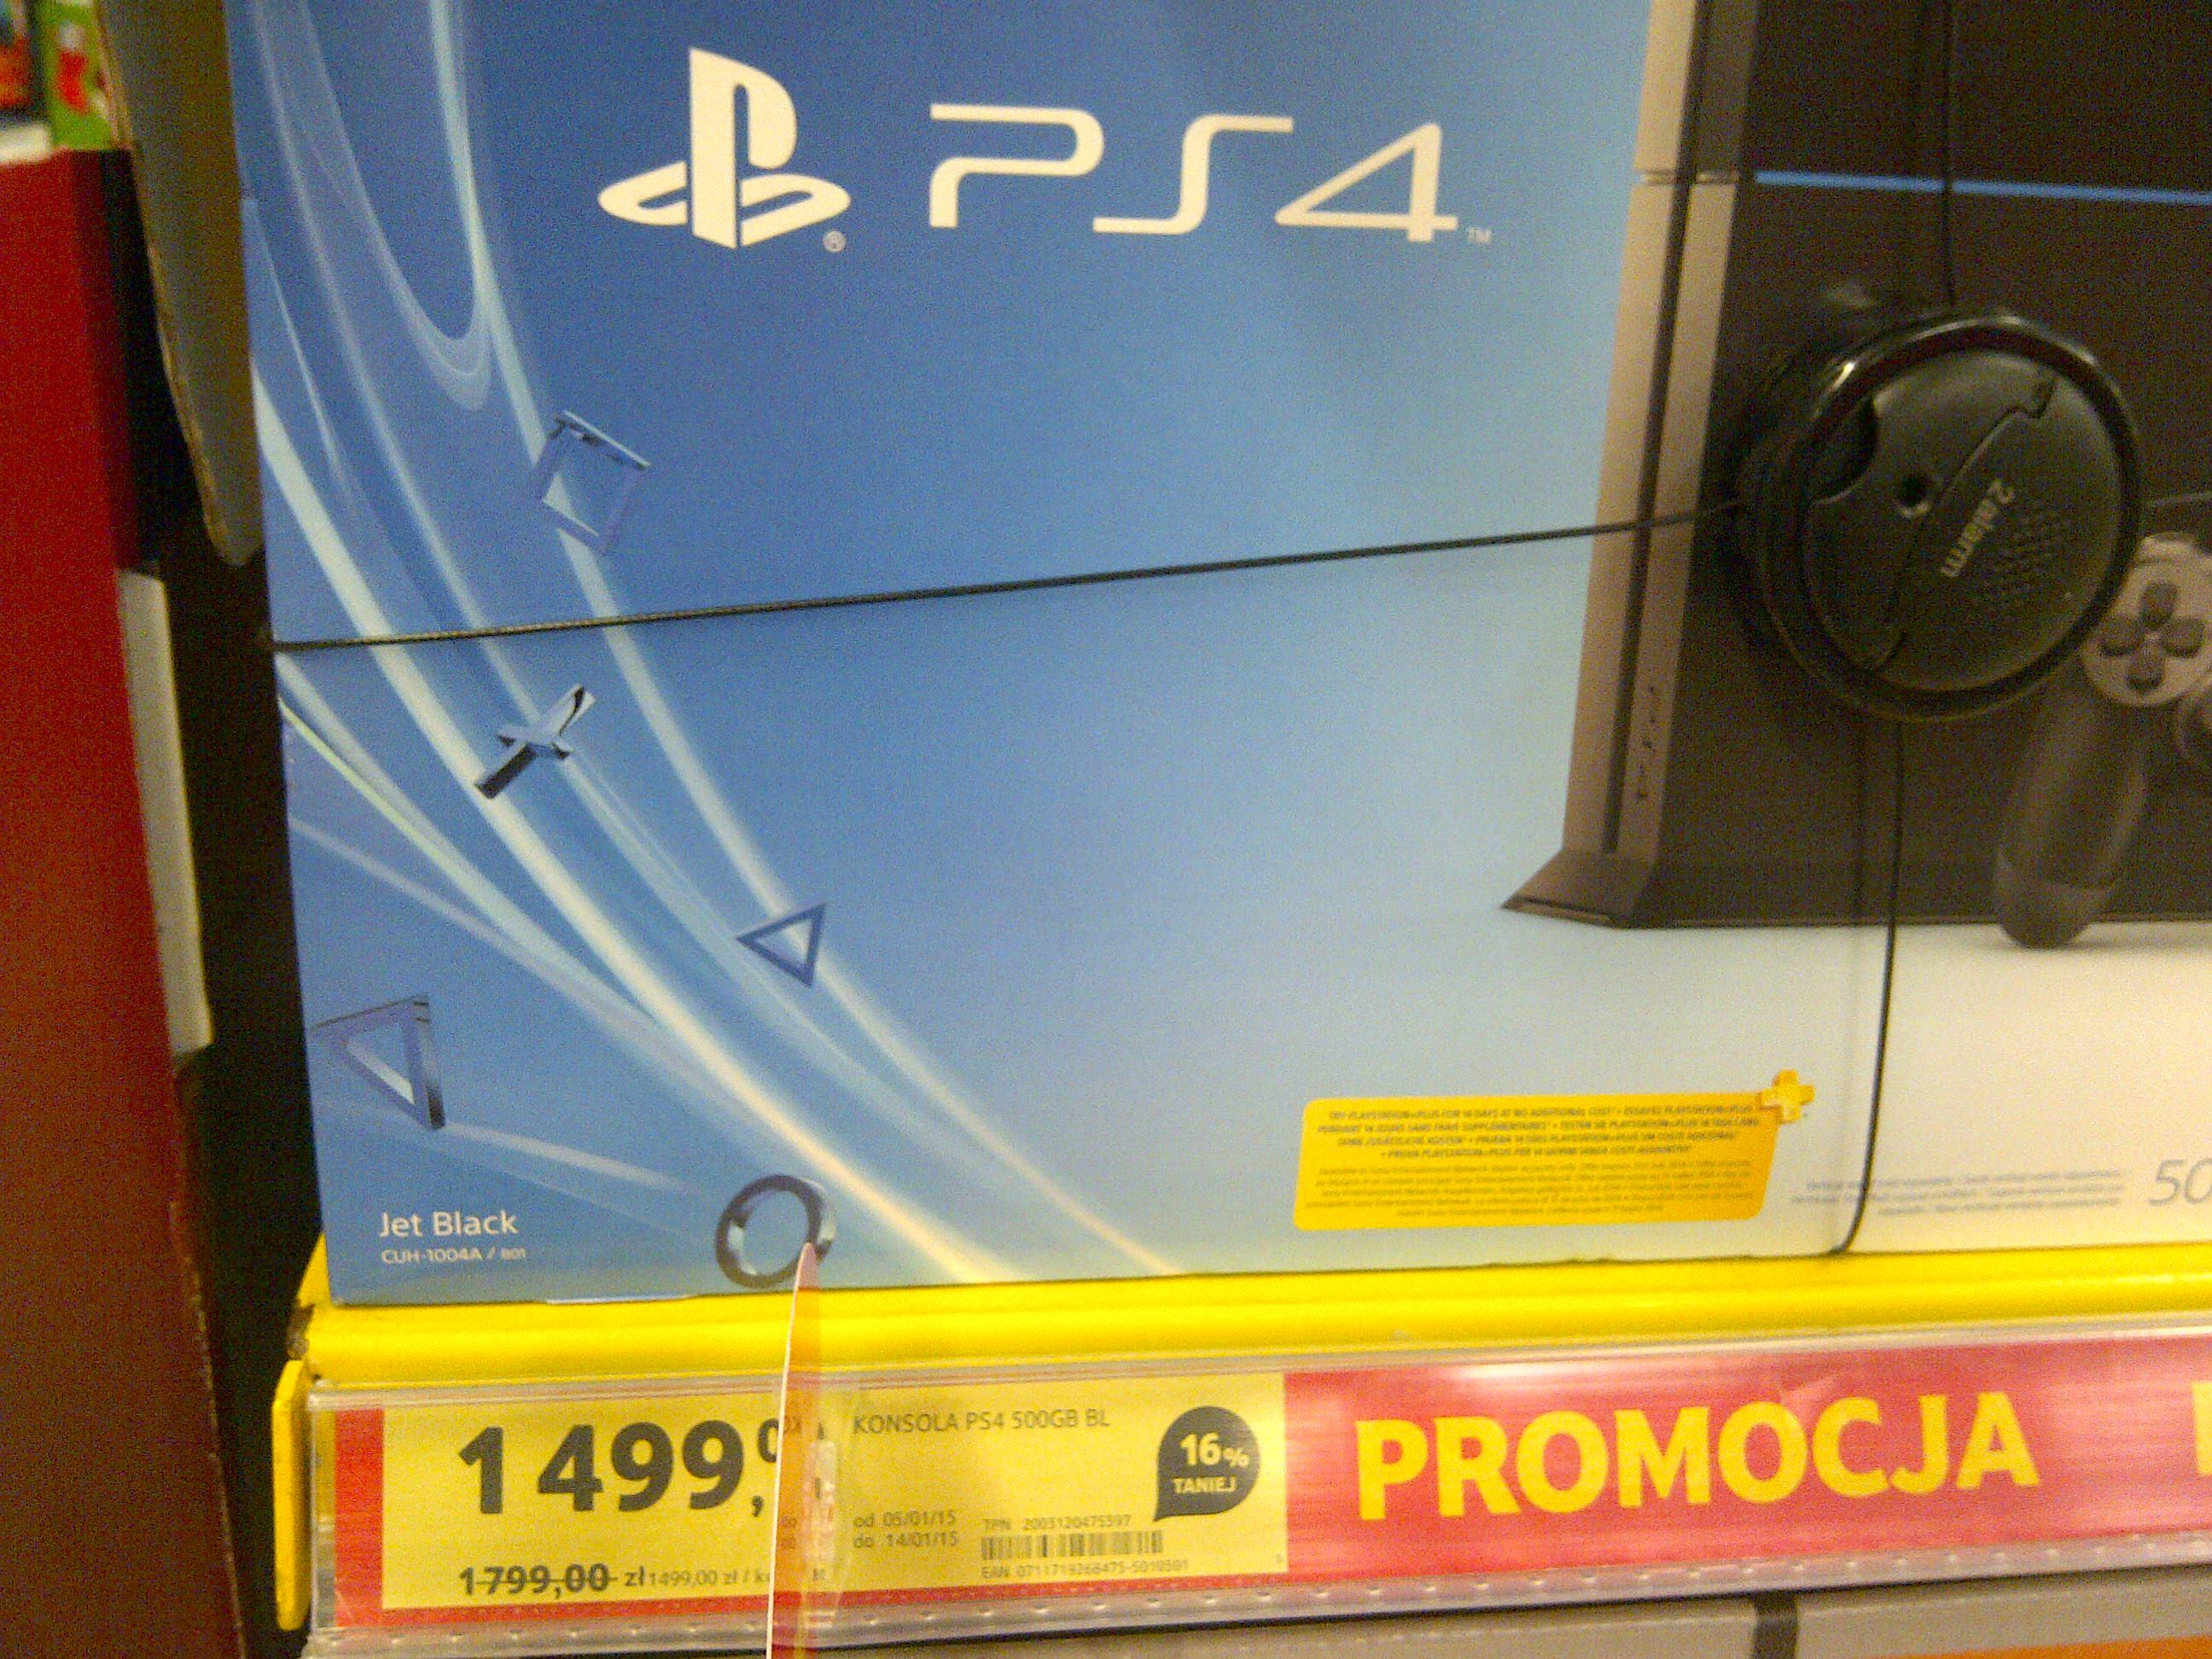 Konsola Playstation 4 500 Gb za 1499 zł @ Tesco